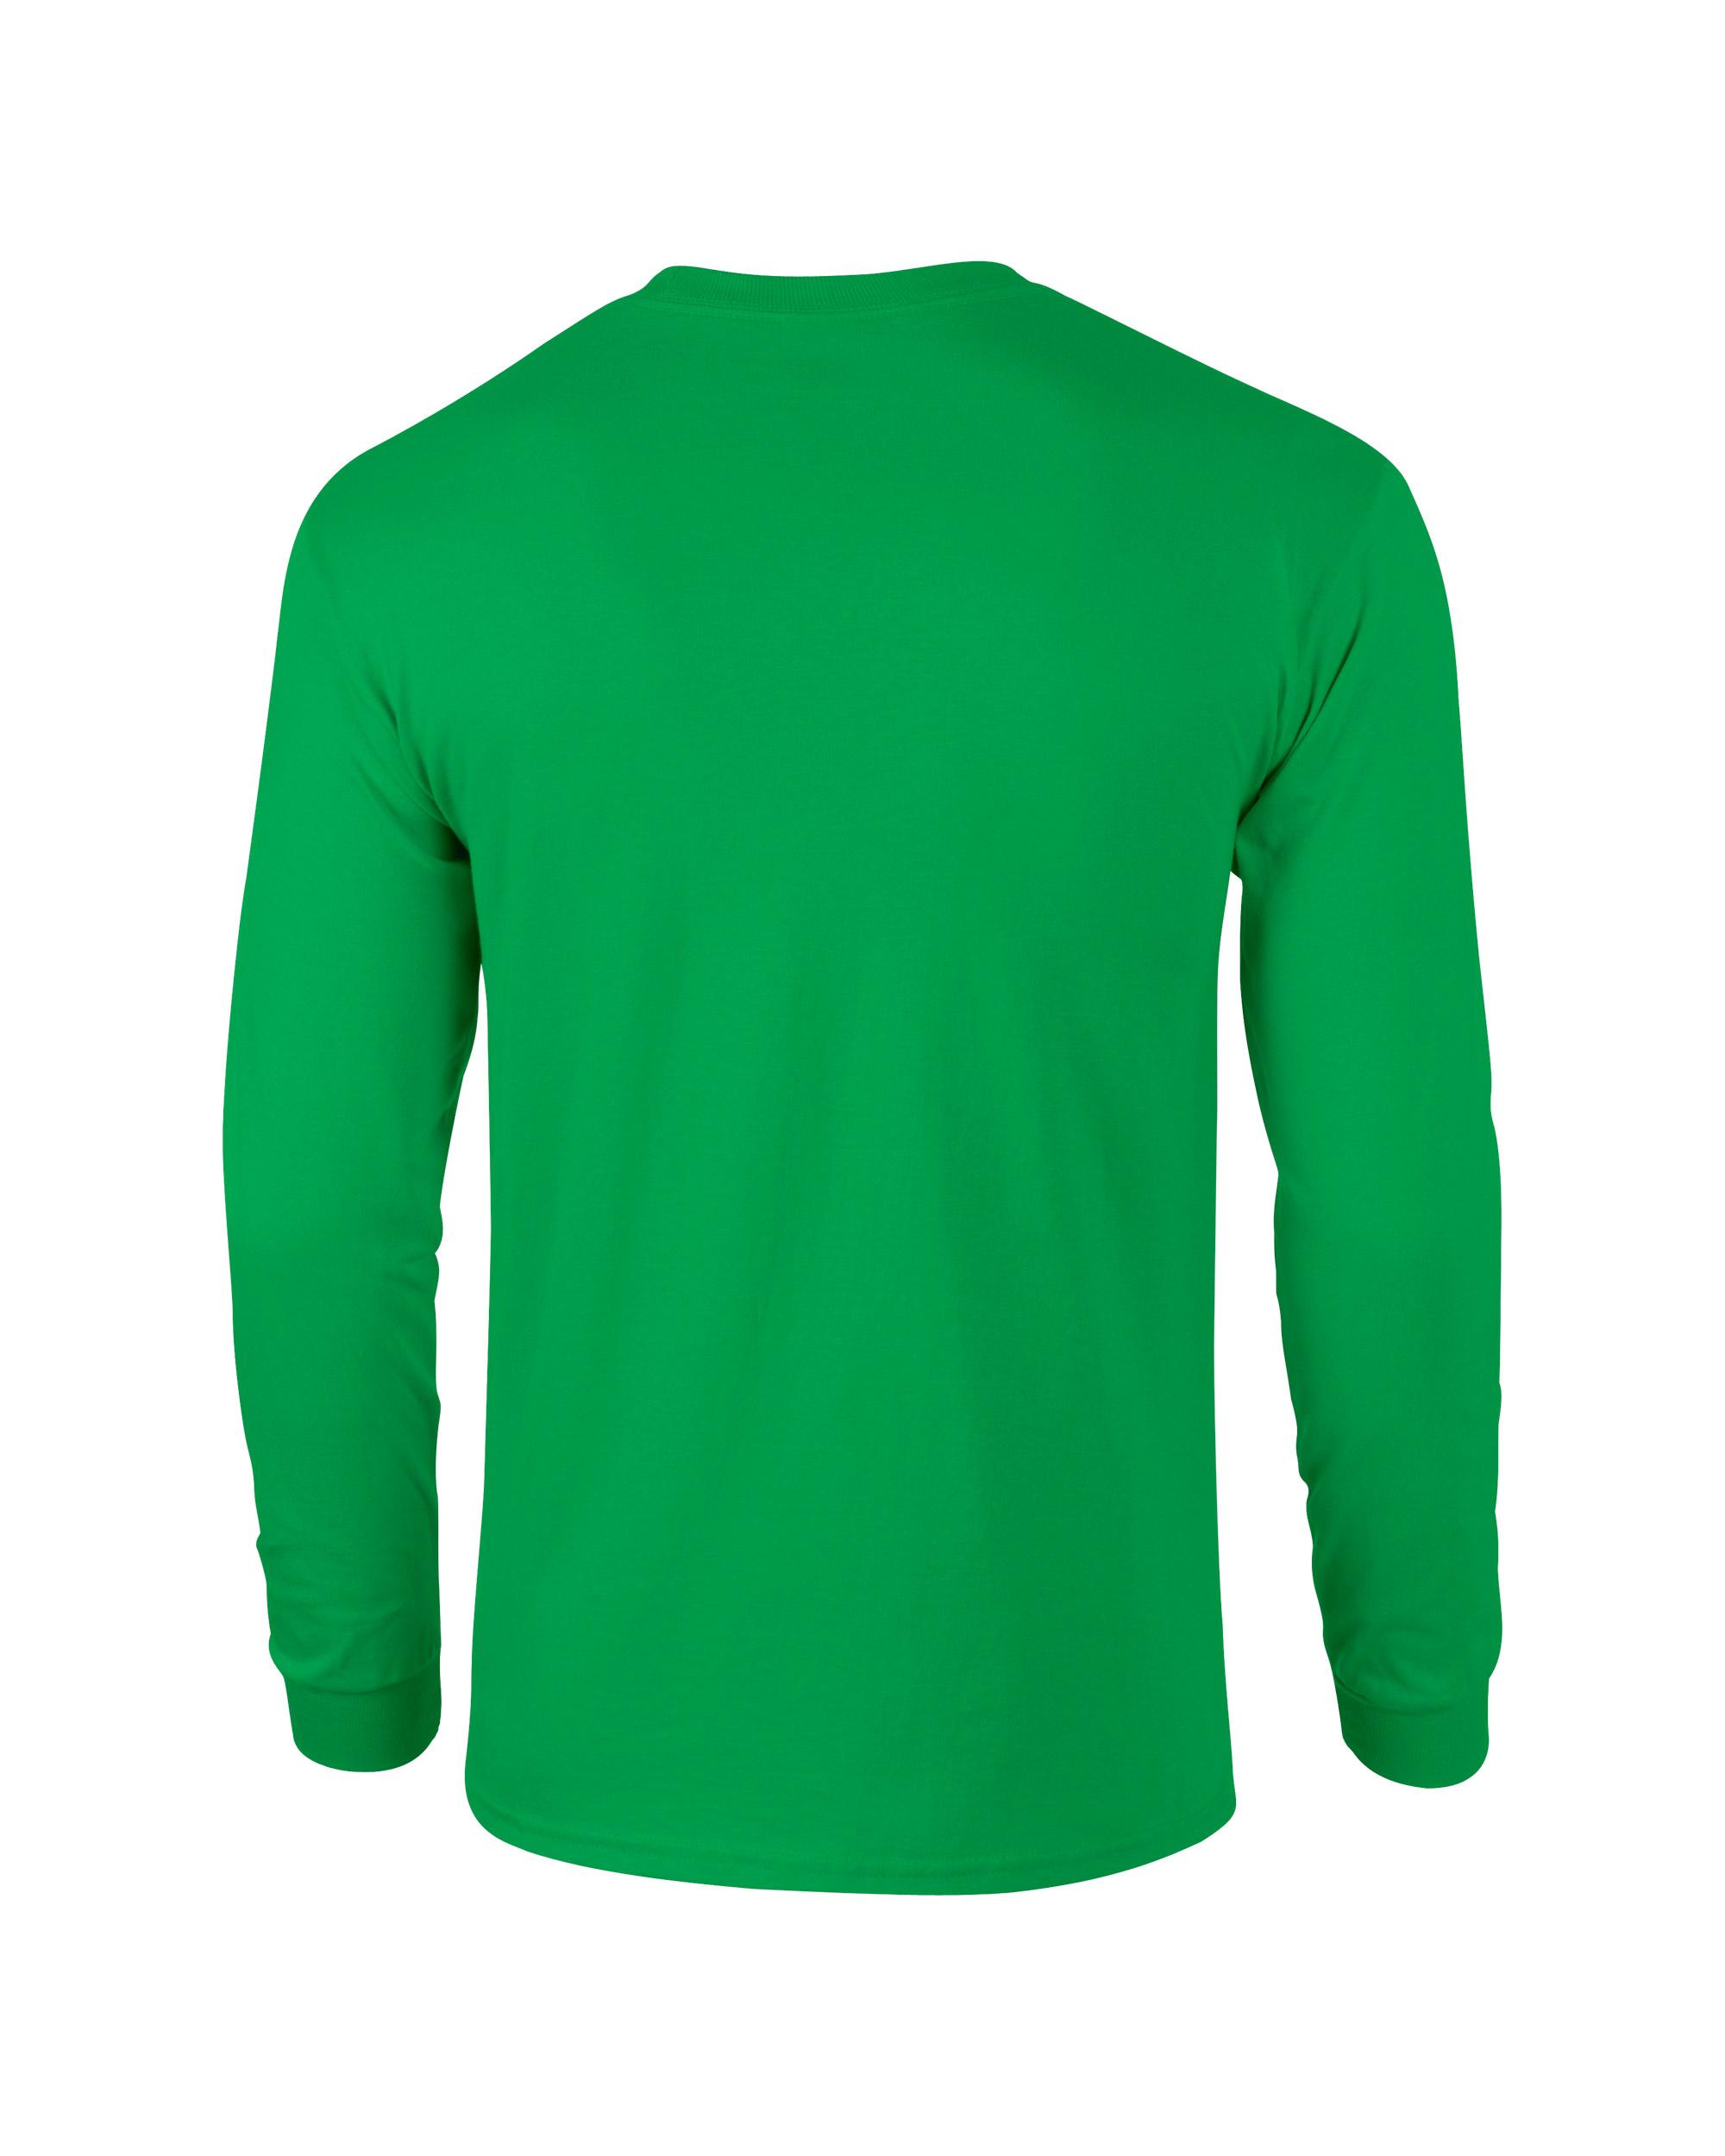 3a37c552075 Gildan Adult Unisex Ultra Cotton Long Sleeve T-Shirt - Team Shirt Pros